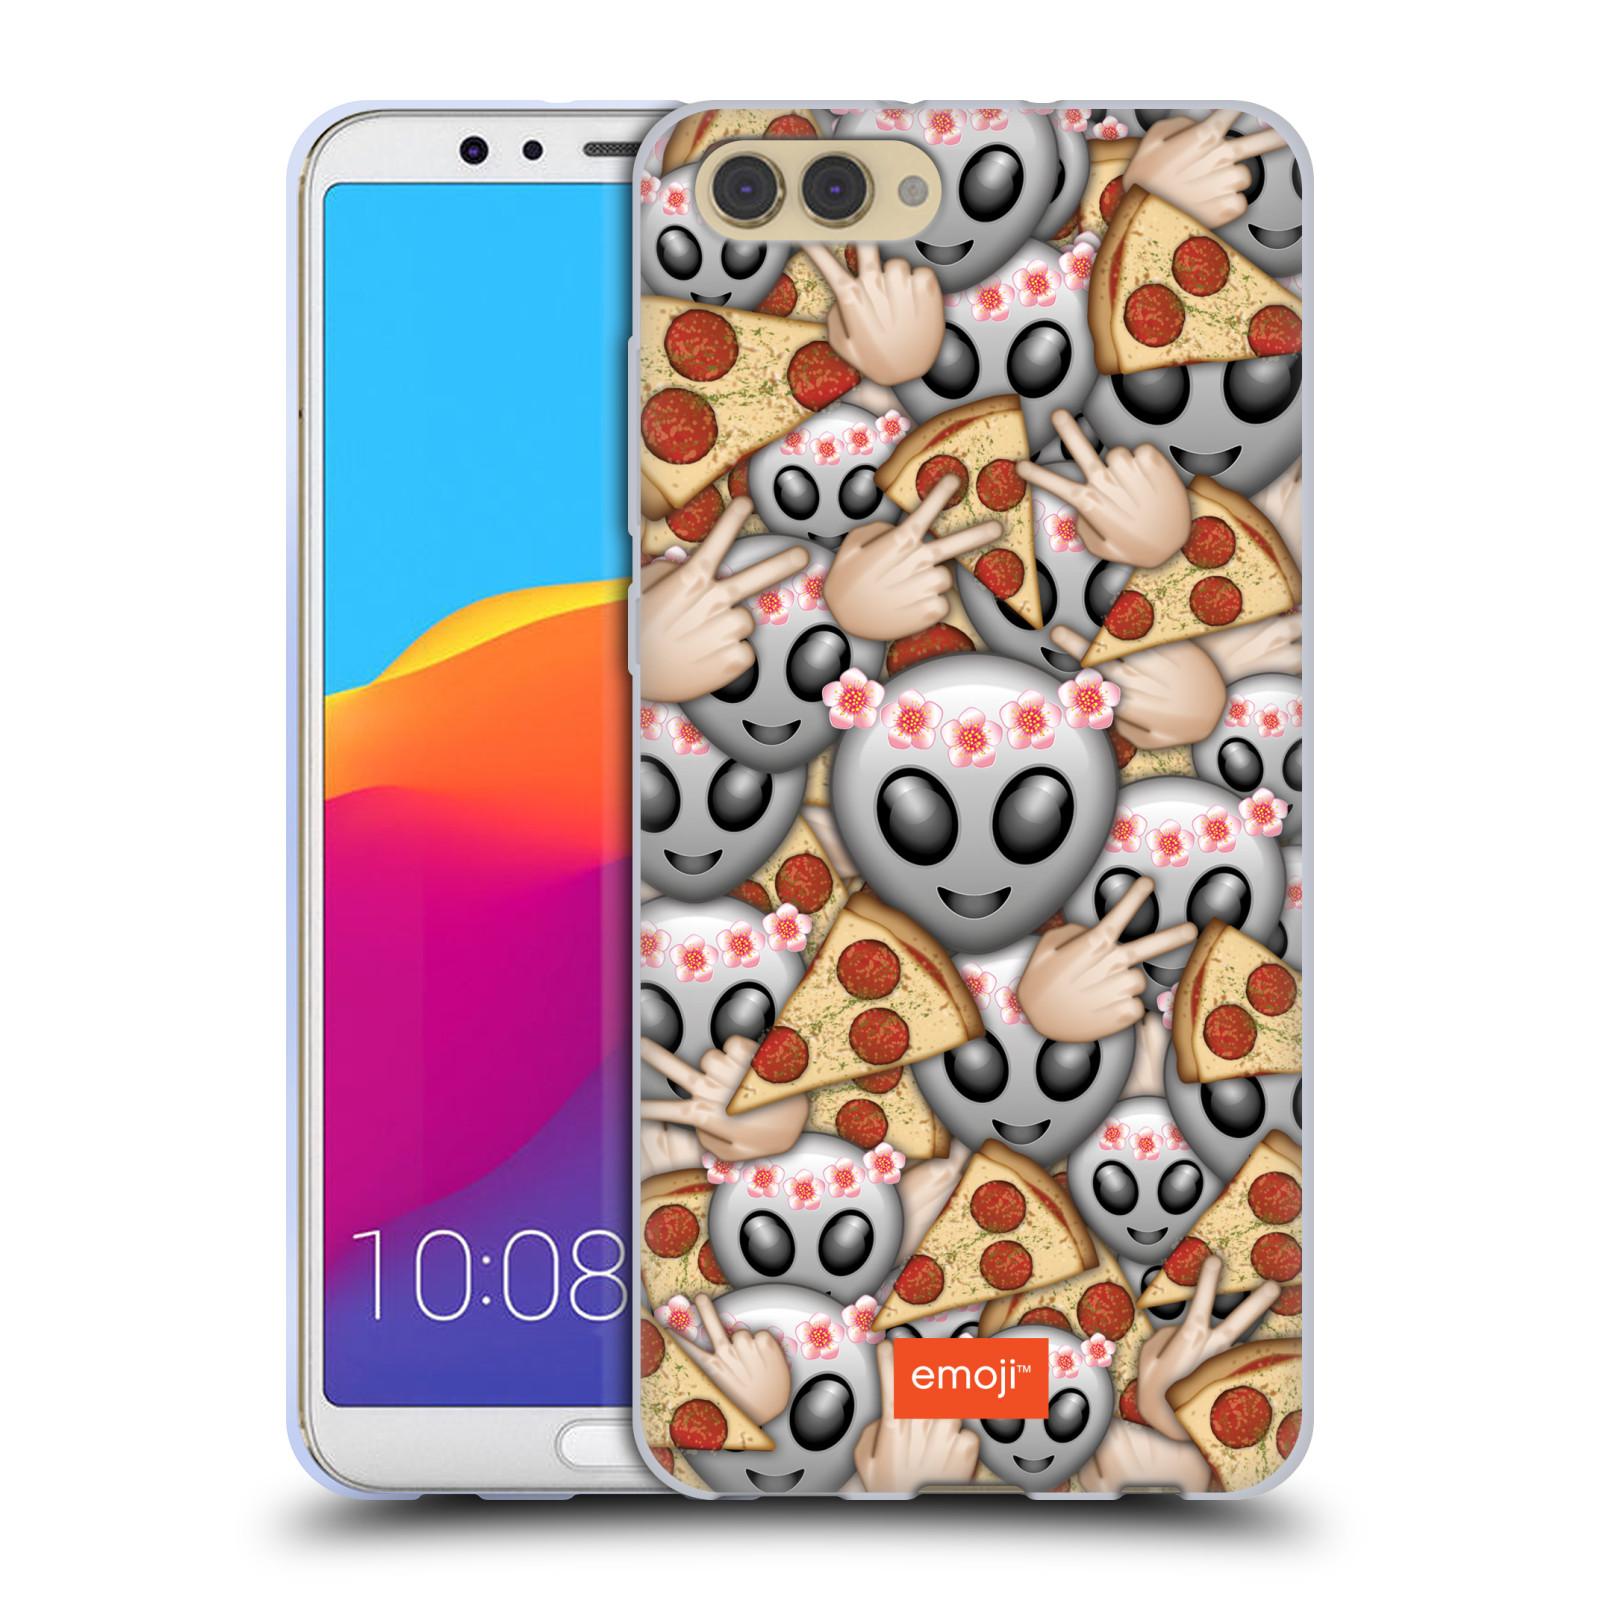 HEAD CASE silikonový obal na mobil Huawei HONOR VIEW 10 / V10 smajlíci oficiální kryt EMOJI UFO a PIZZA